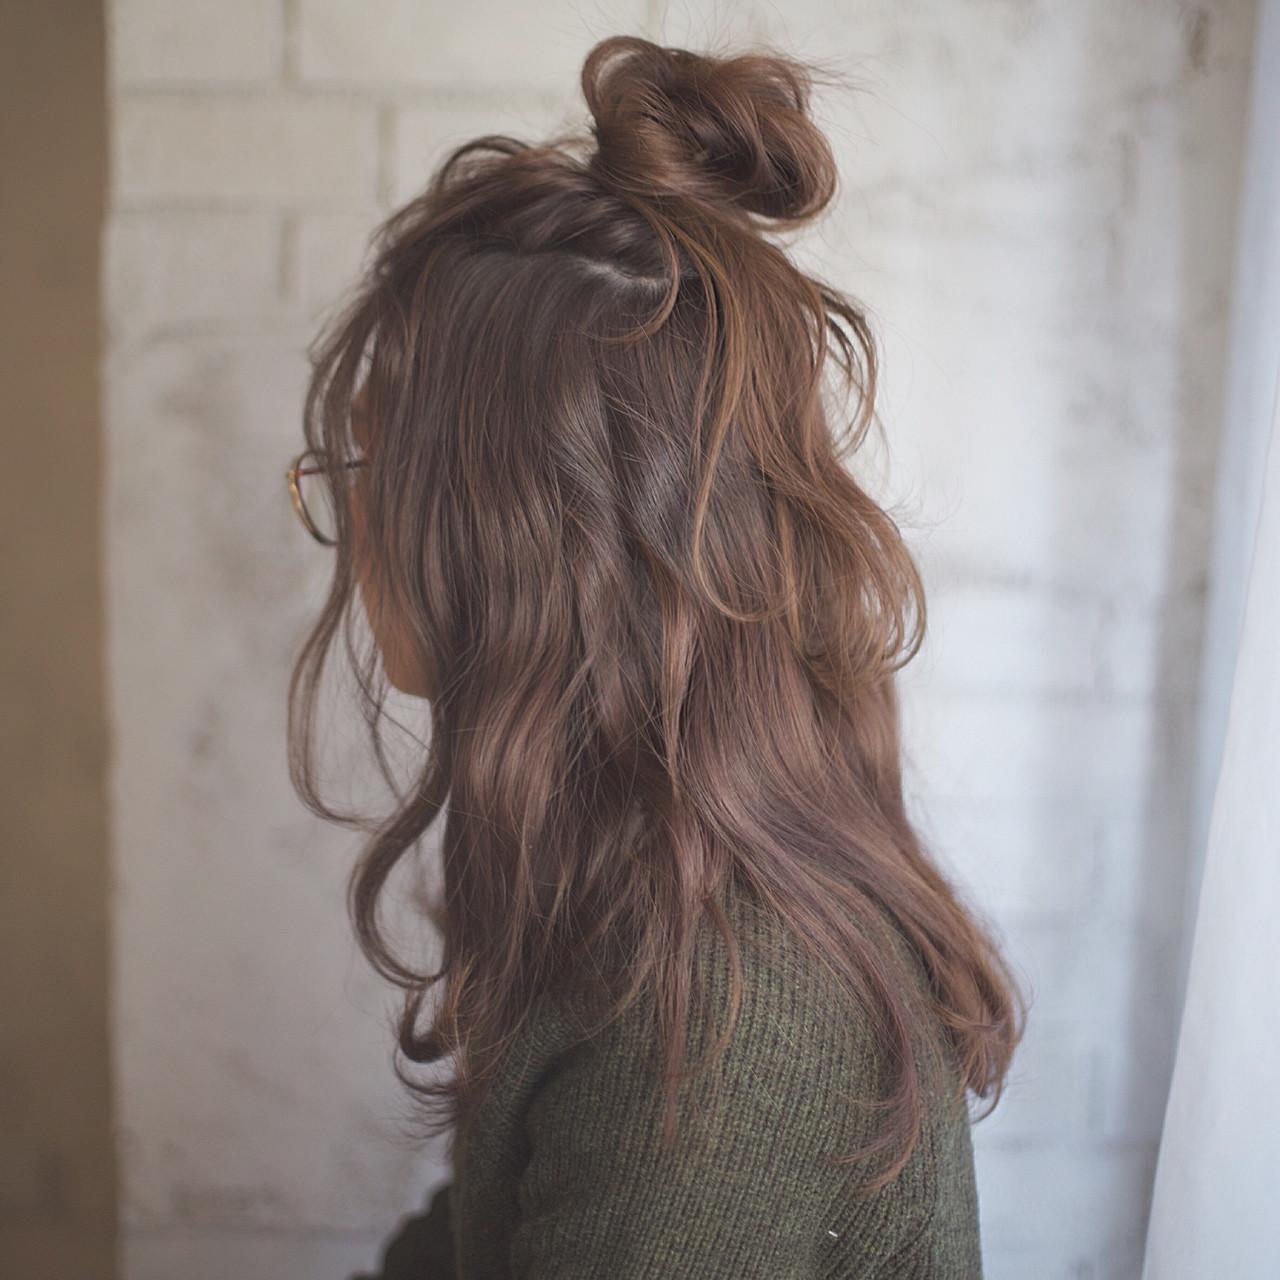 「ロングストレート」で女度高まる髪型を「タイプ別」に紹介します♡の17枚目の画像